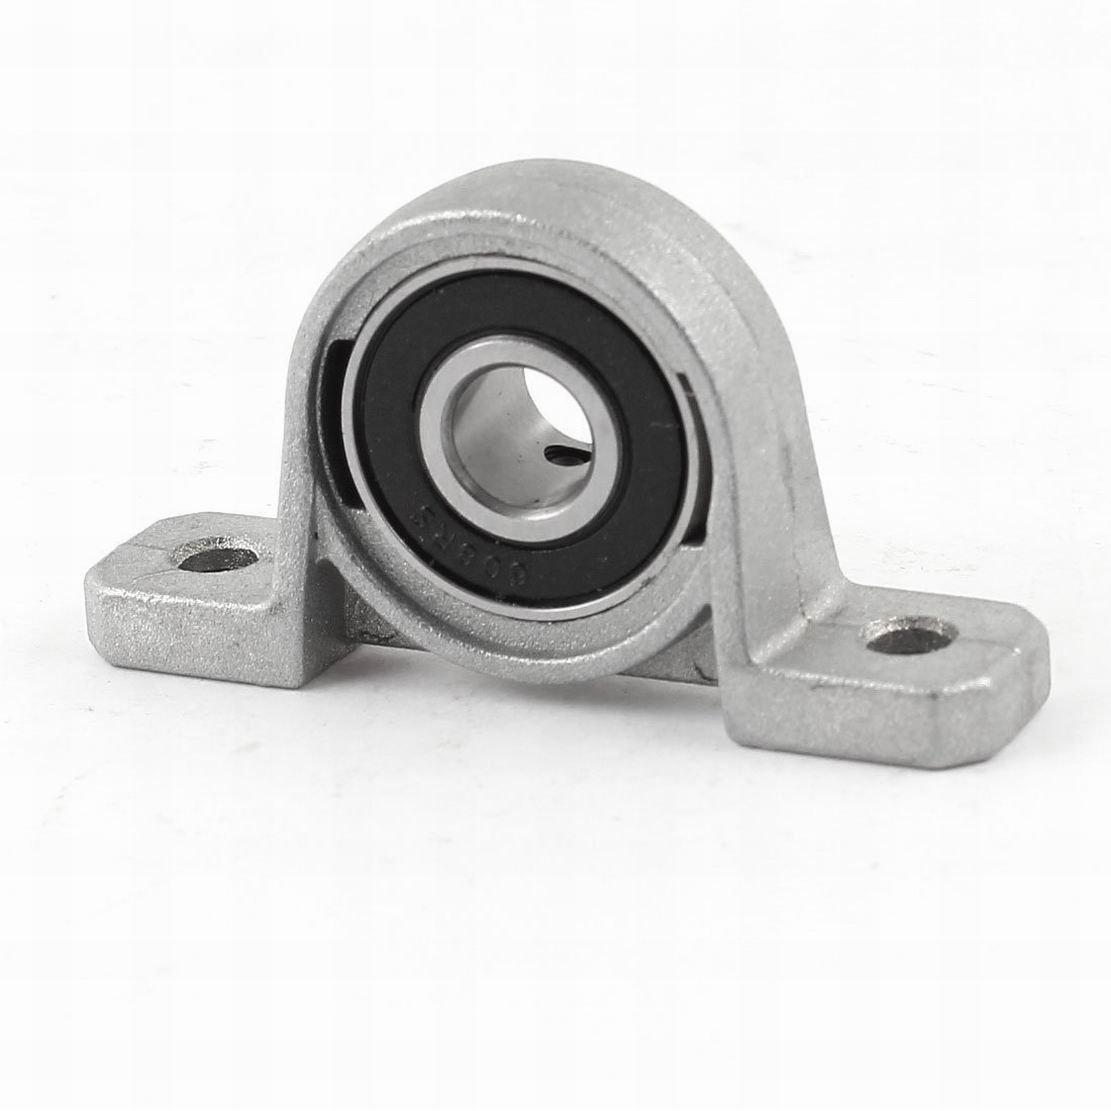 uptell Z4230 almohada en bloque 8 mm calibre diámetro ...